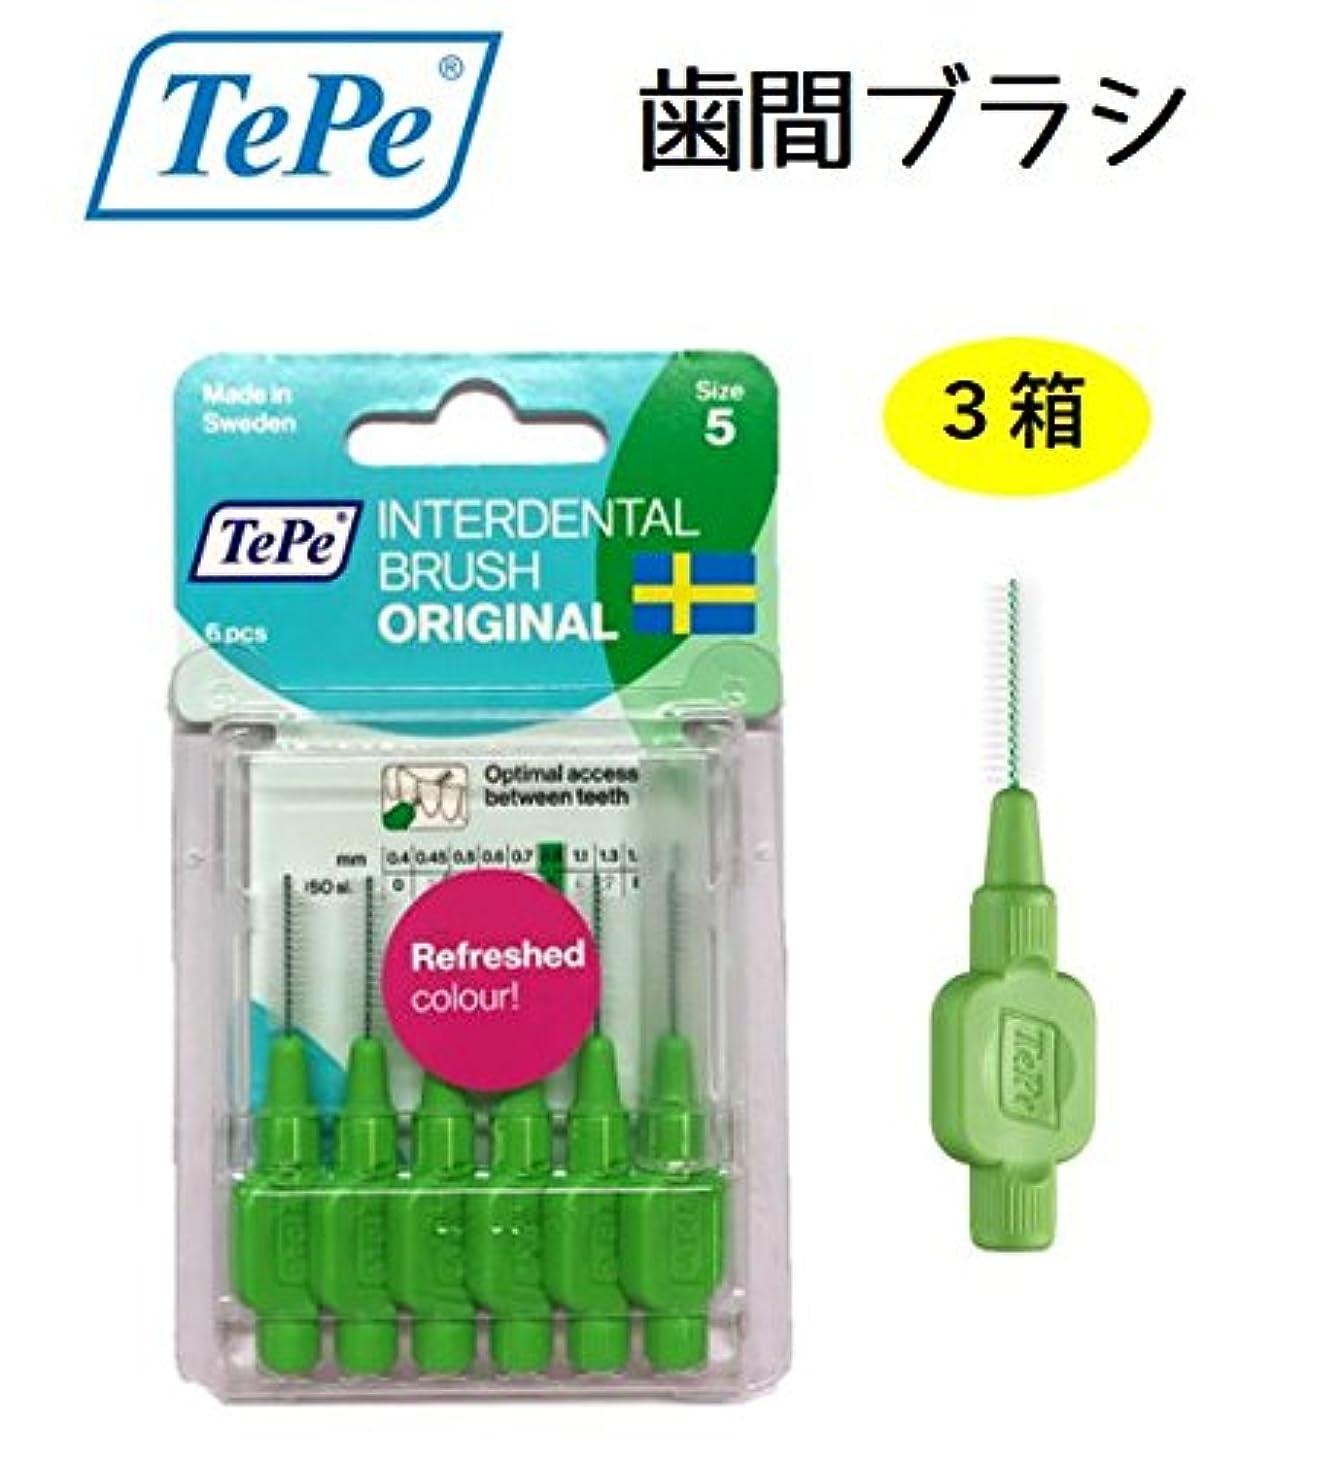 に賛成欠かせないたらいテペ 歯間プラシ 0.8mm ブリスターパック 3パック TePe IDブラシ